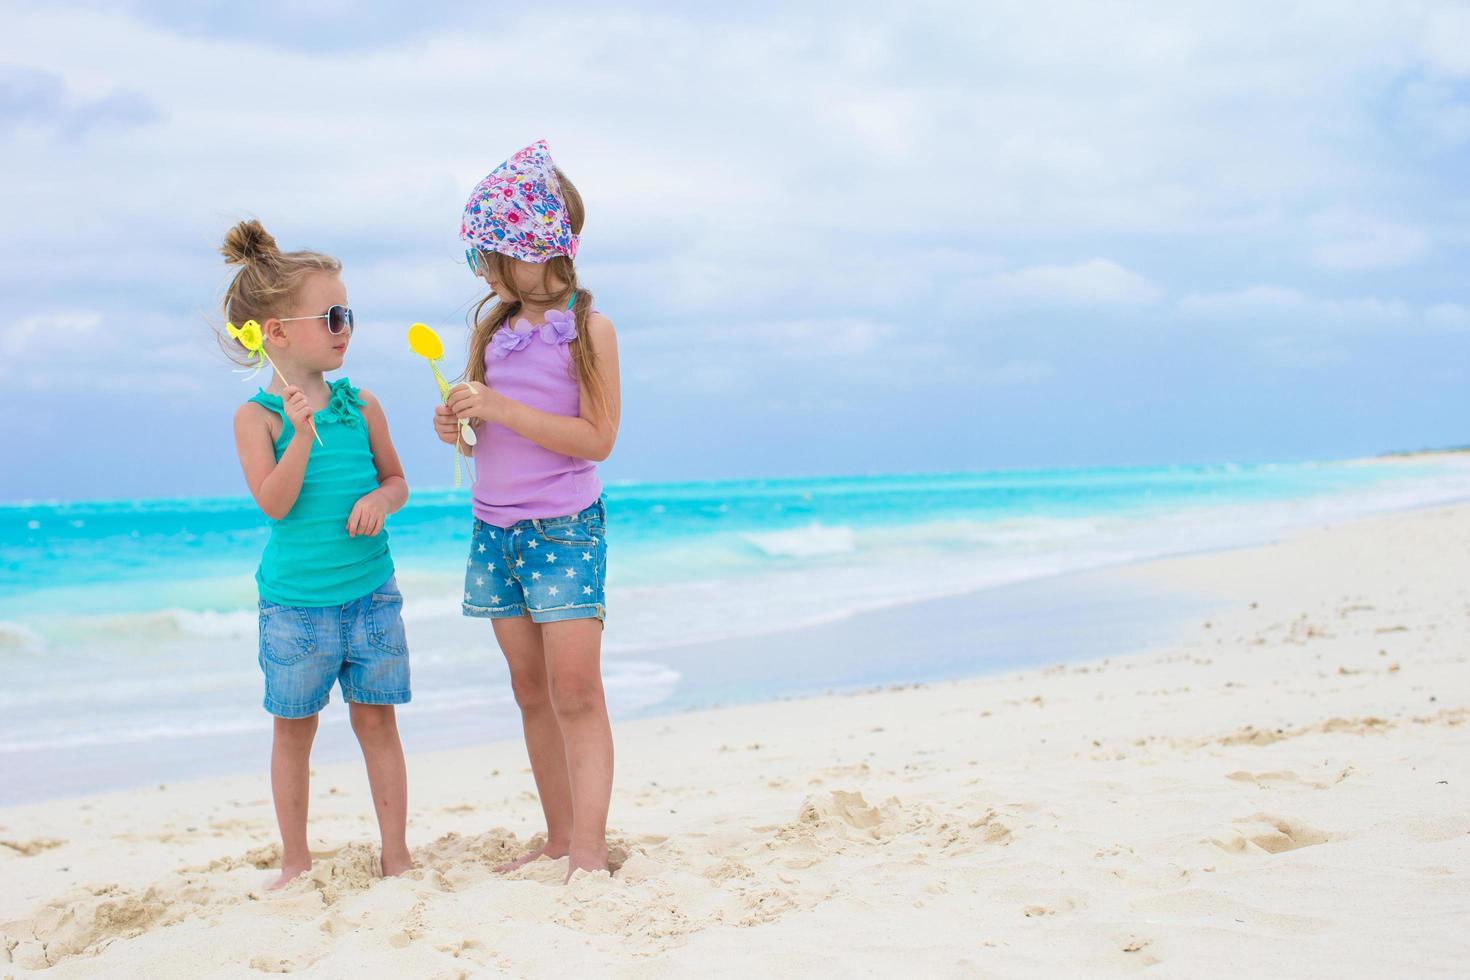 due ragazze che si divertono su una spiaggia foto